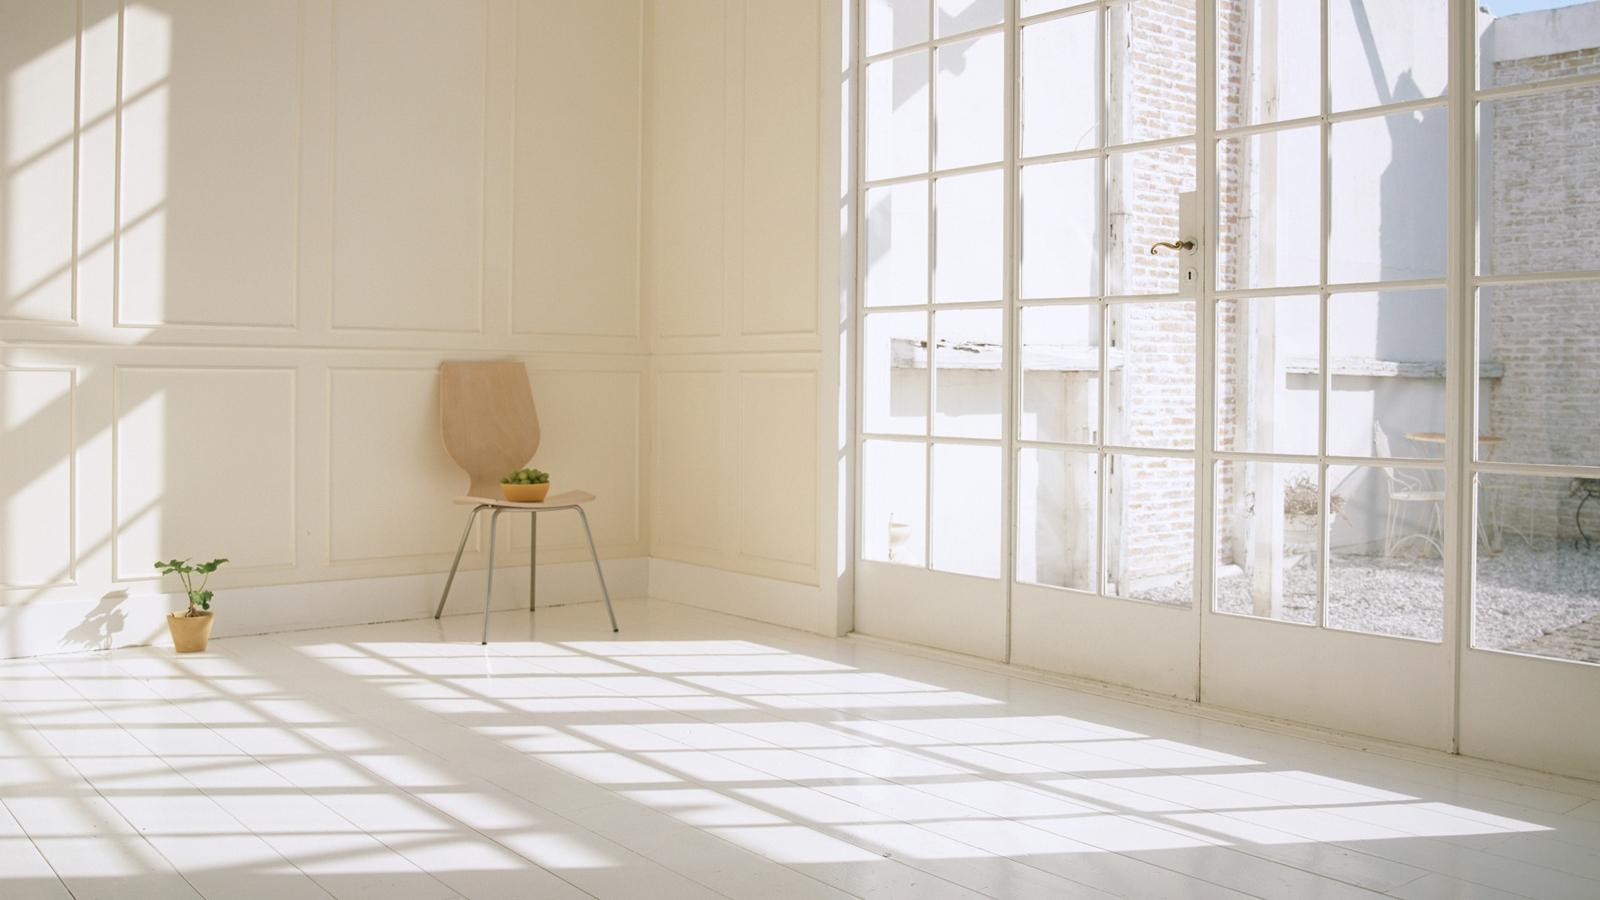 Cách tốt nhất để tăng ánh sáng tự nhiên trong nhà của bạn